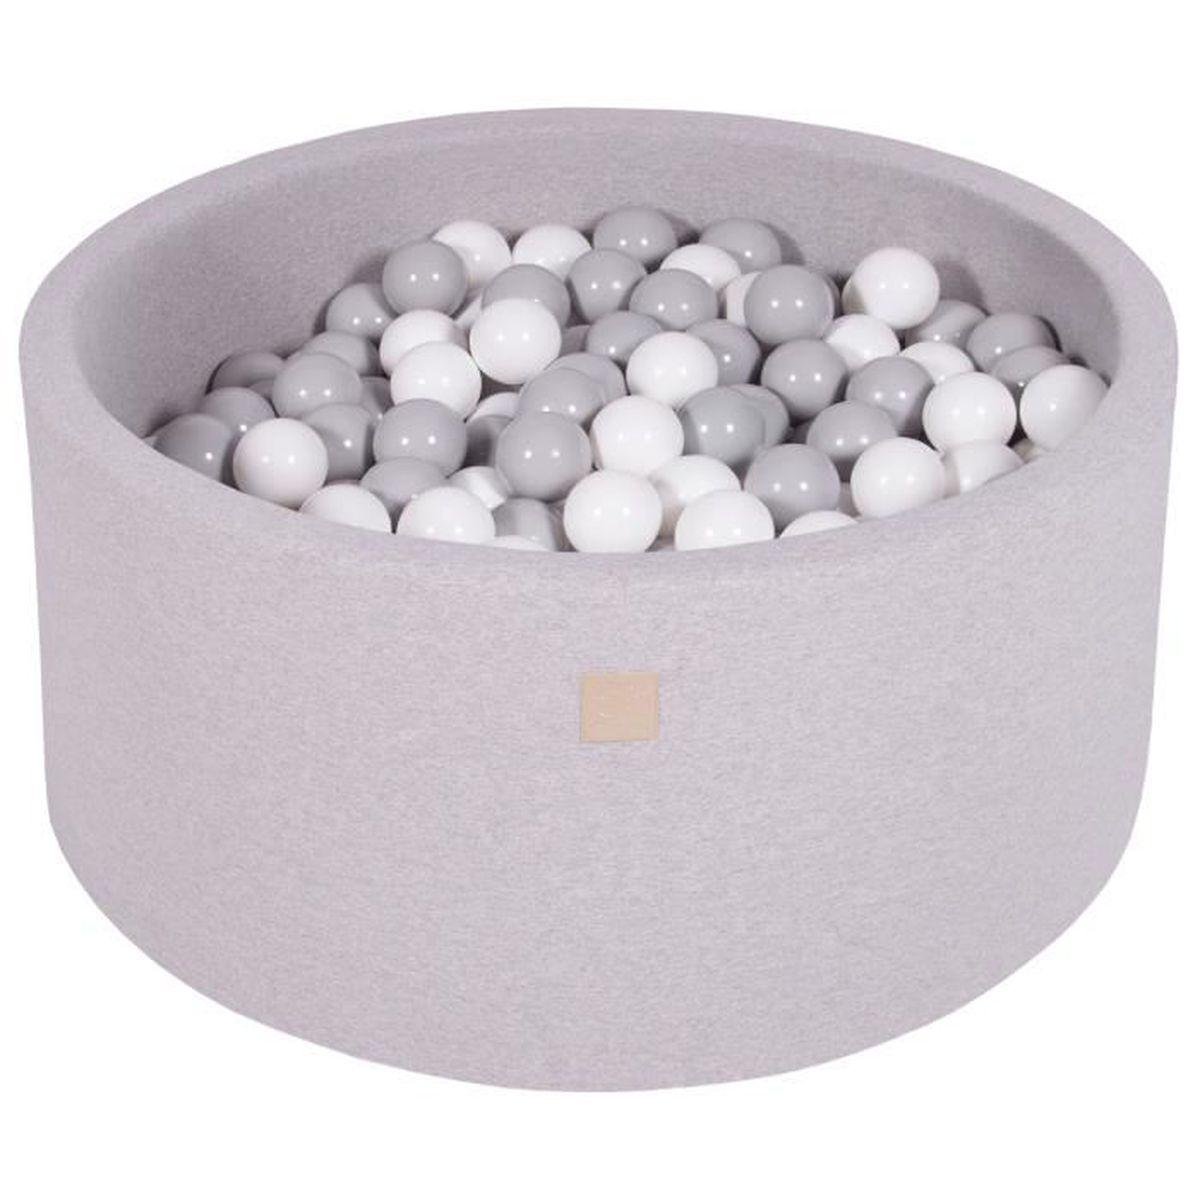 MEOWBABY 50 /∅ 7Cm Balles pour Piscine a Balles B/éb/é Adapt/é aux Enfants Fabriqu/é en UE Argent//Transparent//Perle Blanche